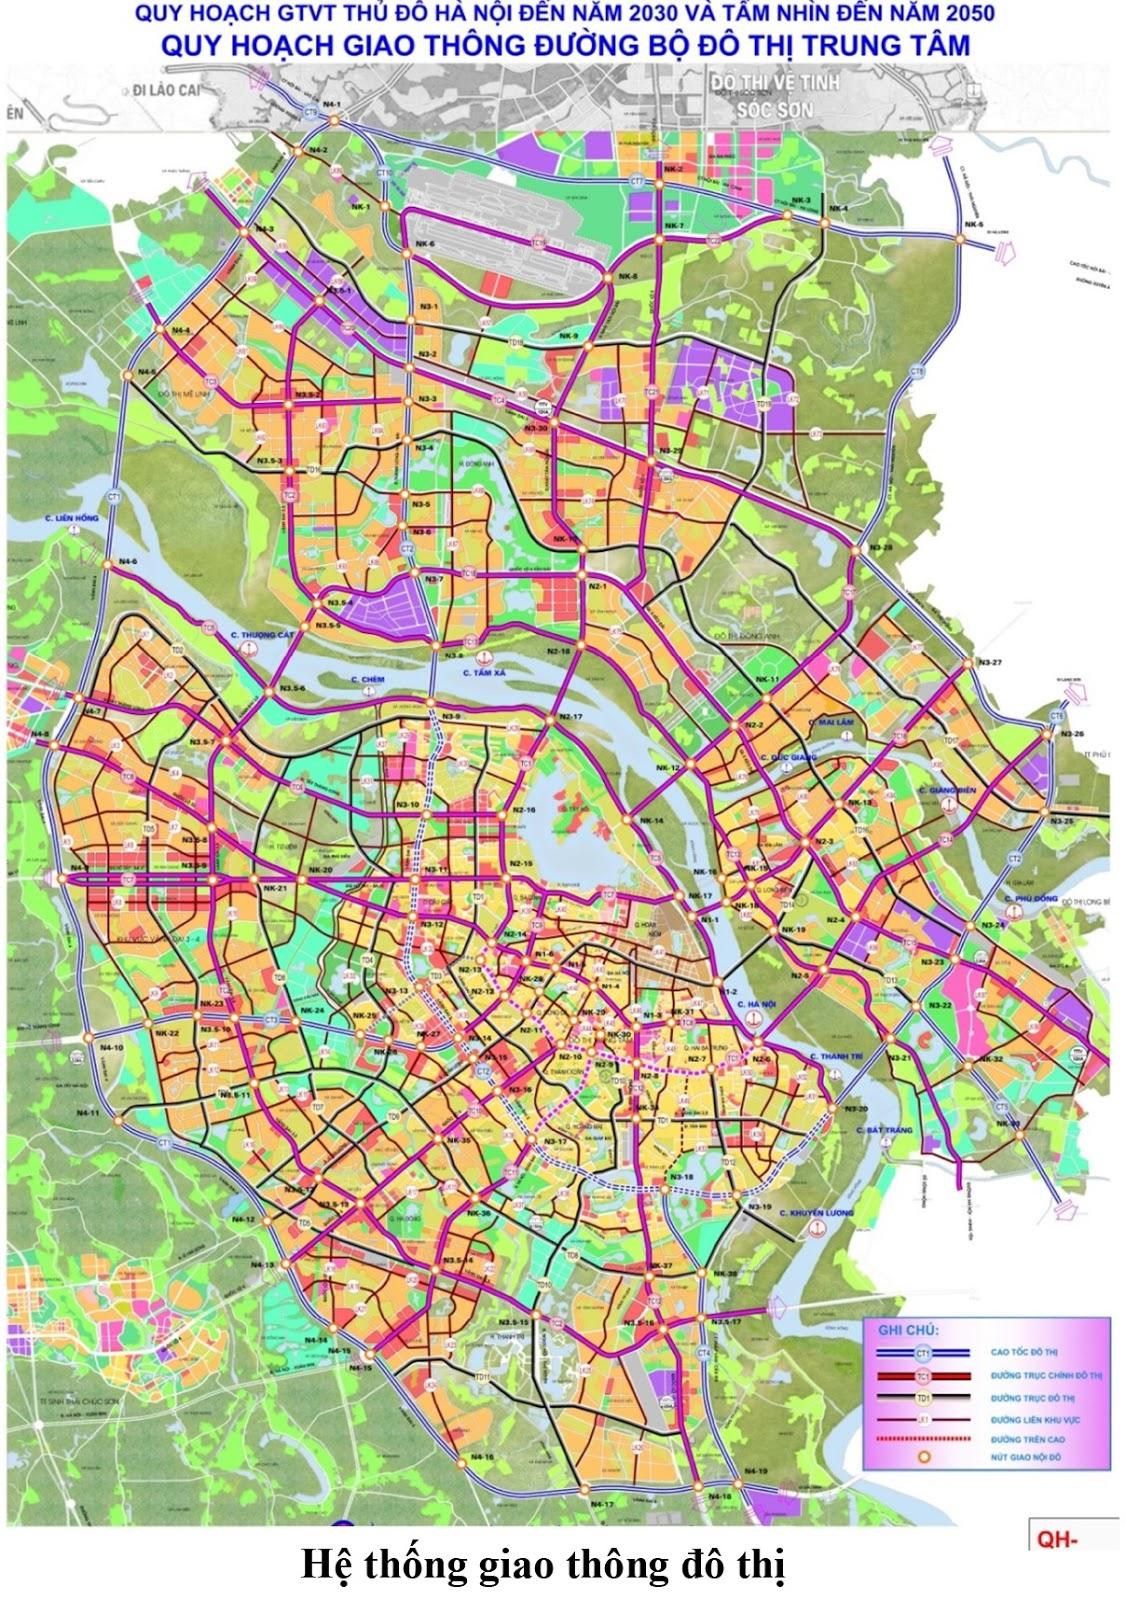 Mạng lưới giao thông đô thị Hà Nội